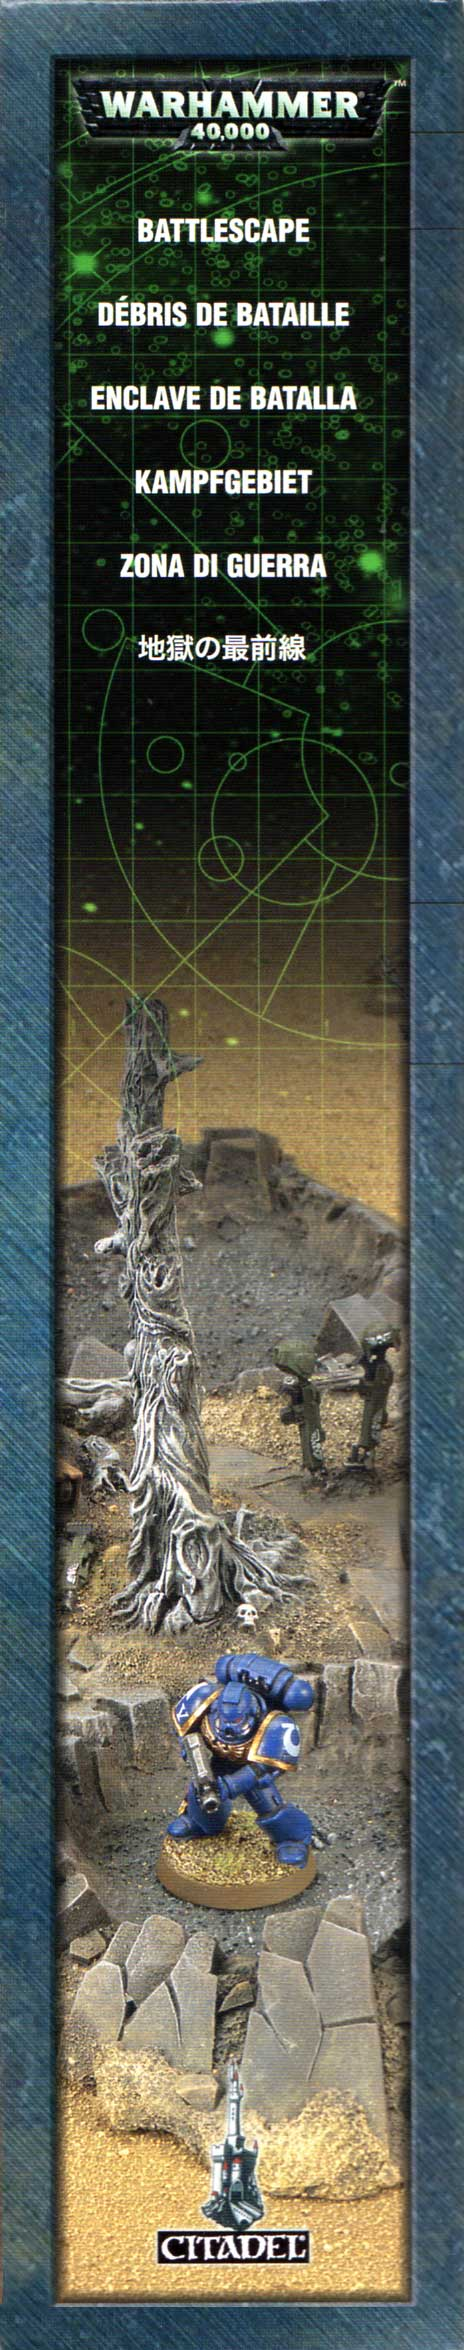 Packaging gauche de l'épave de Rhino et débris de batailles (décor Warhammer 40.000)